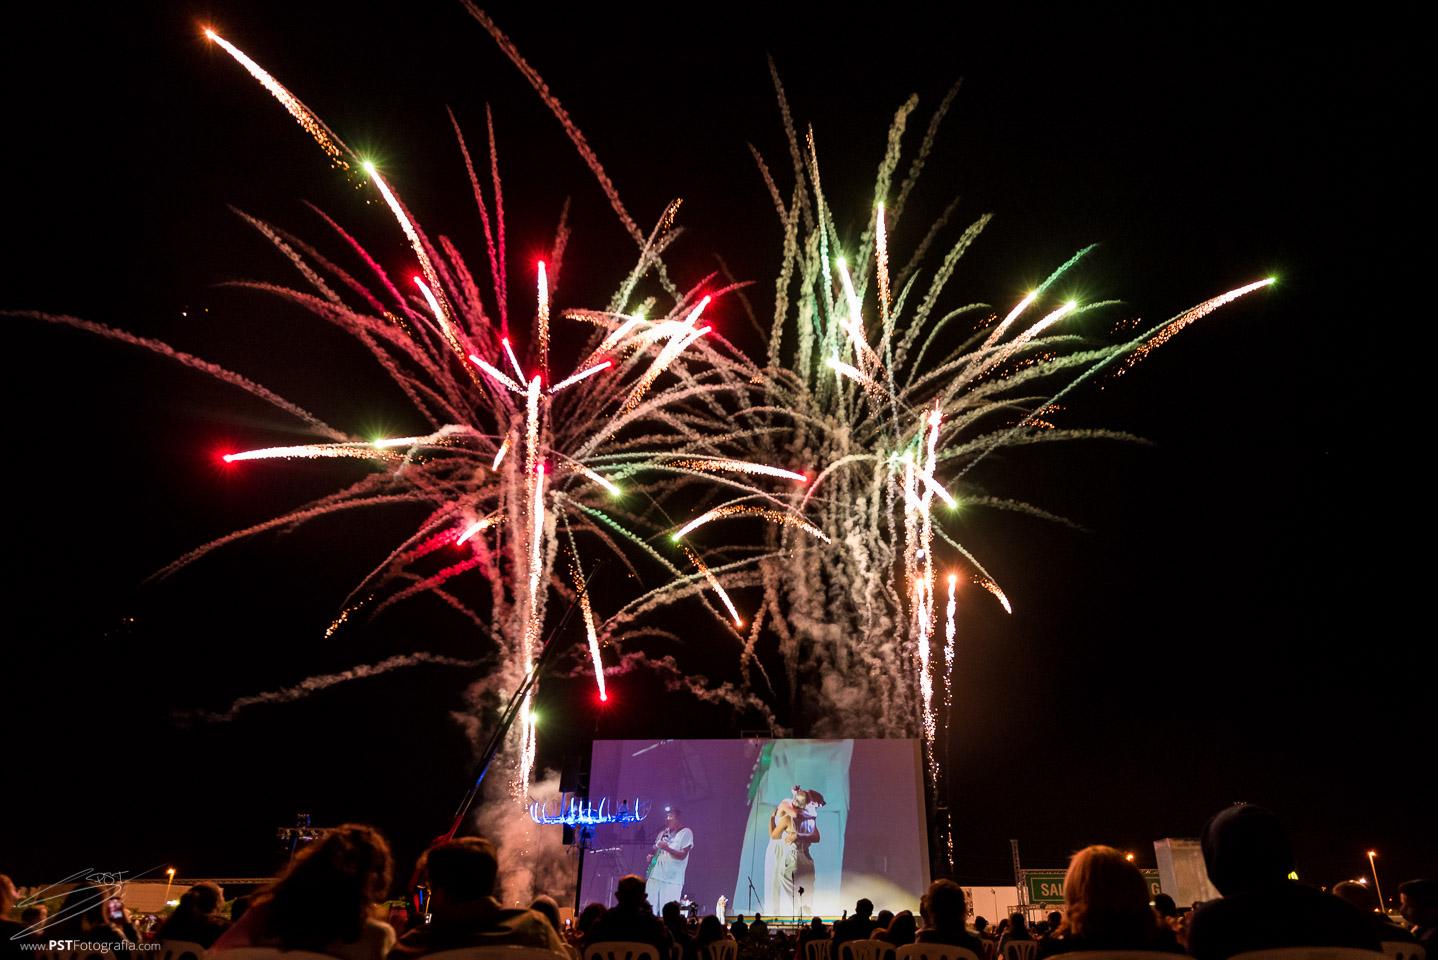 Fuegos artificiales para finalizar el espectáculo de la Fura dels Baus en Cinemacar Alicante